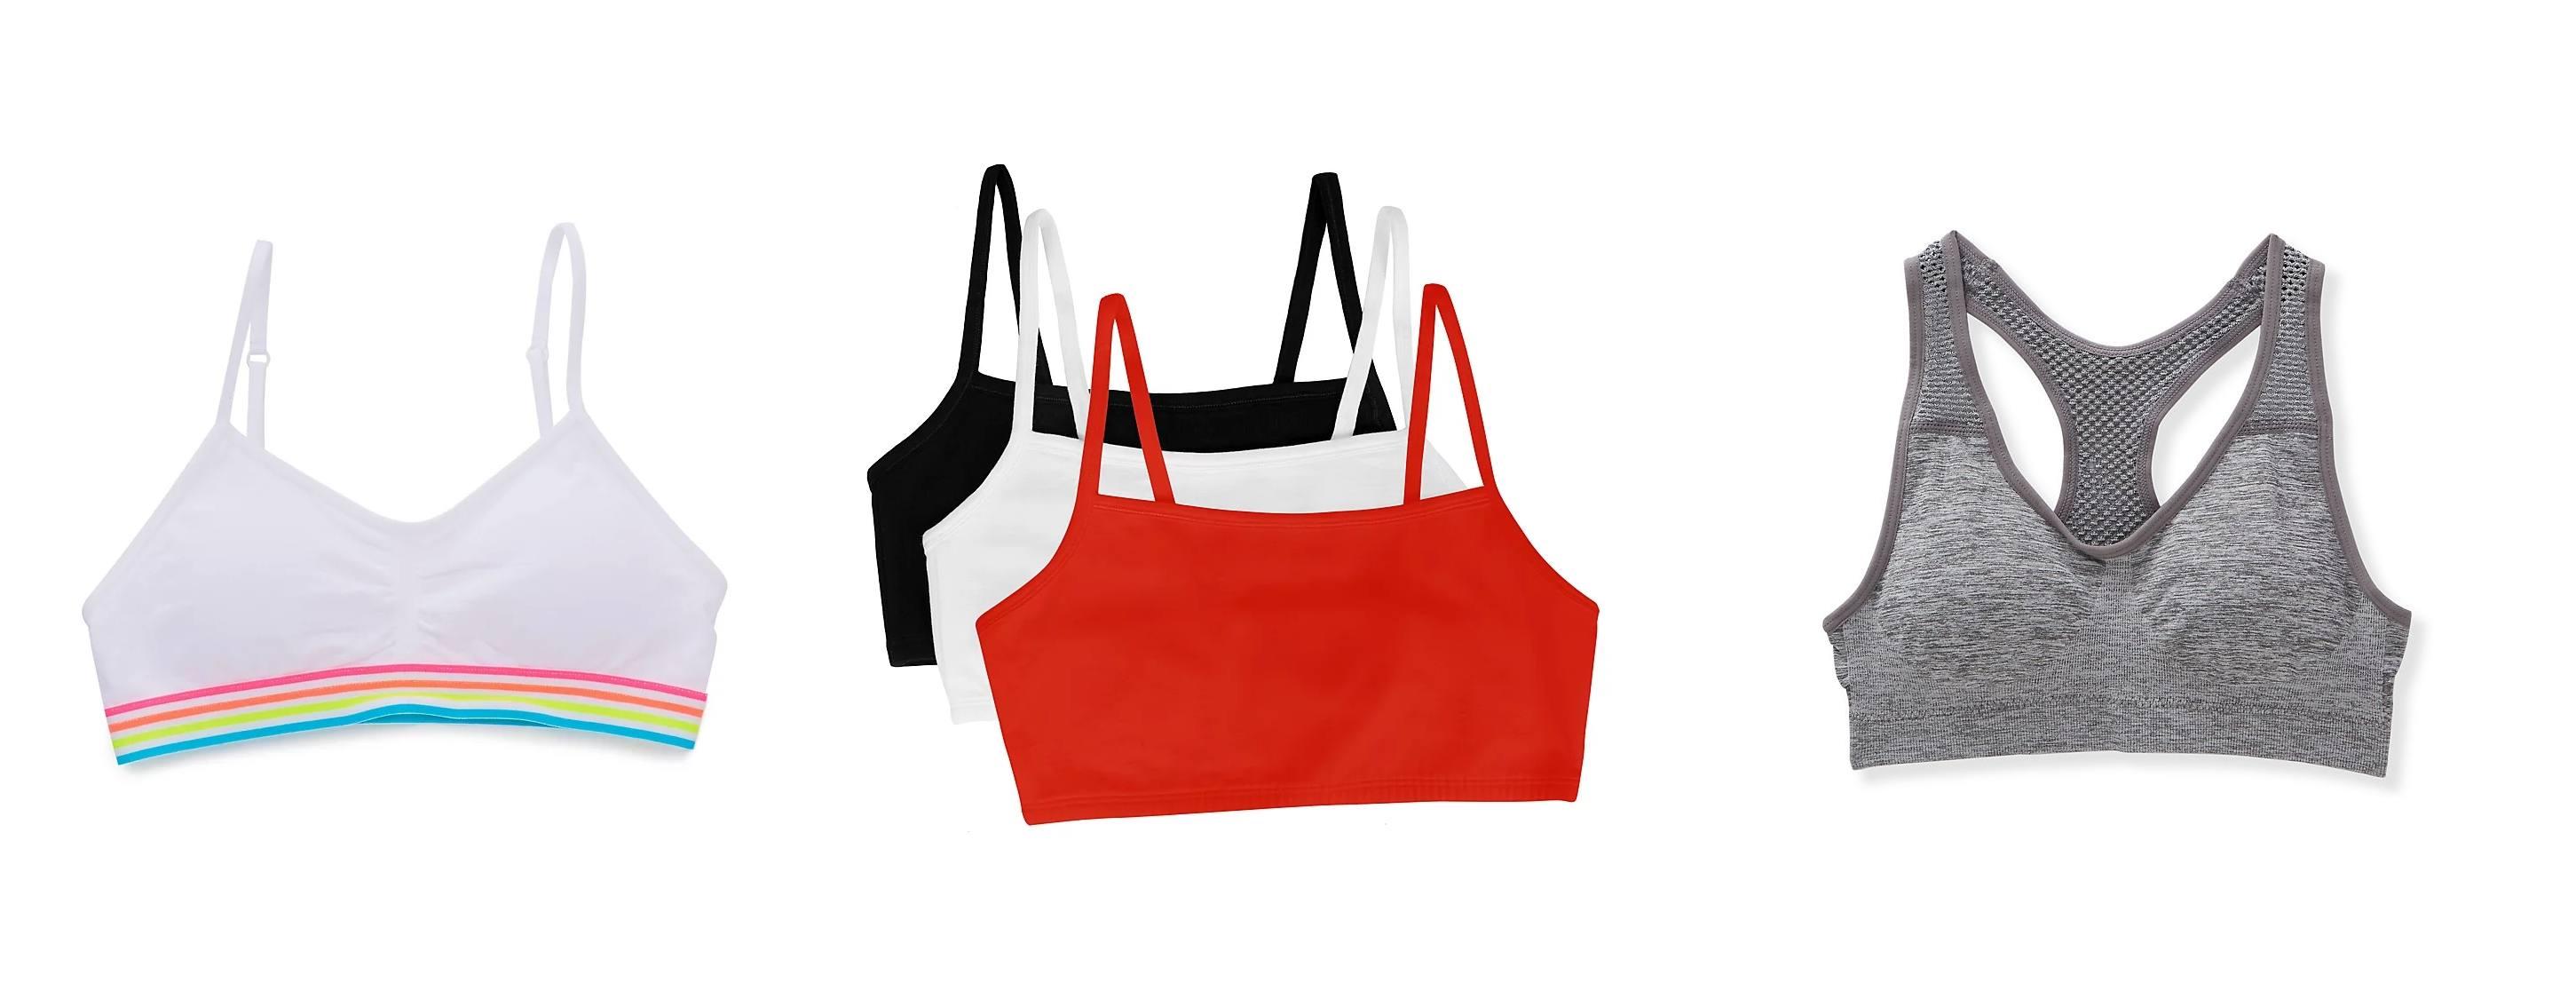 girls in training bras